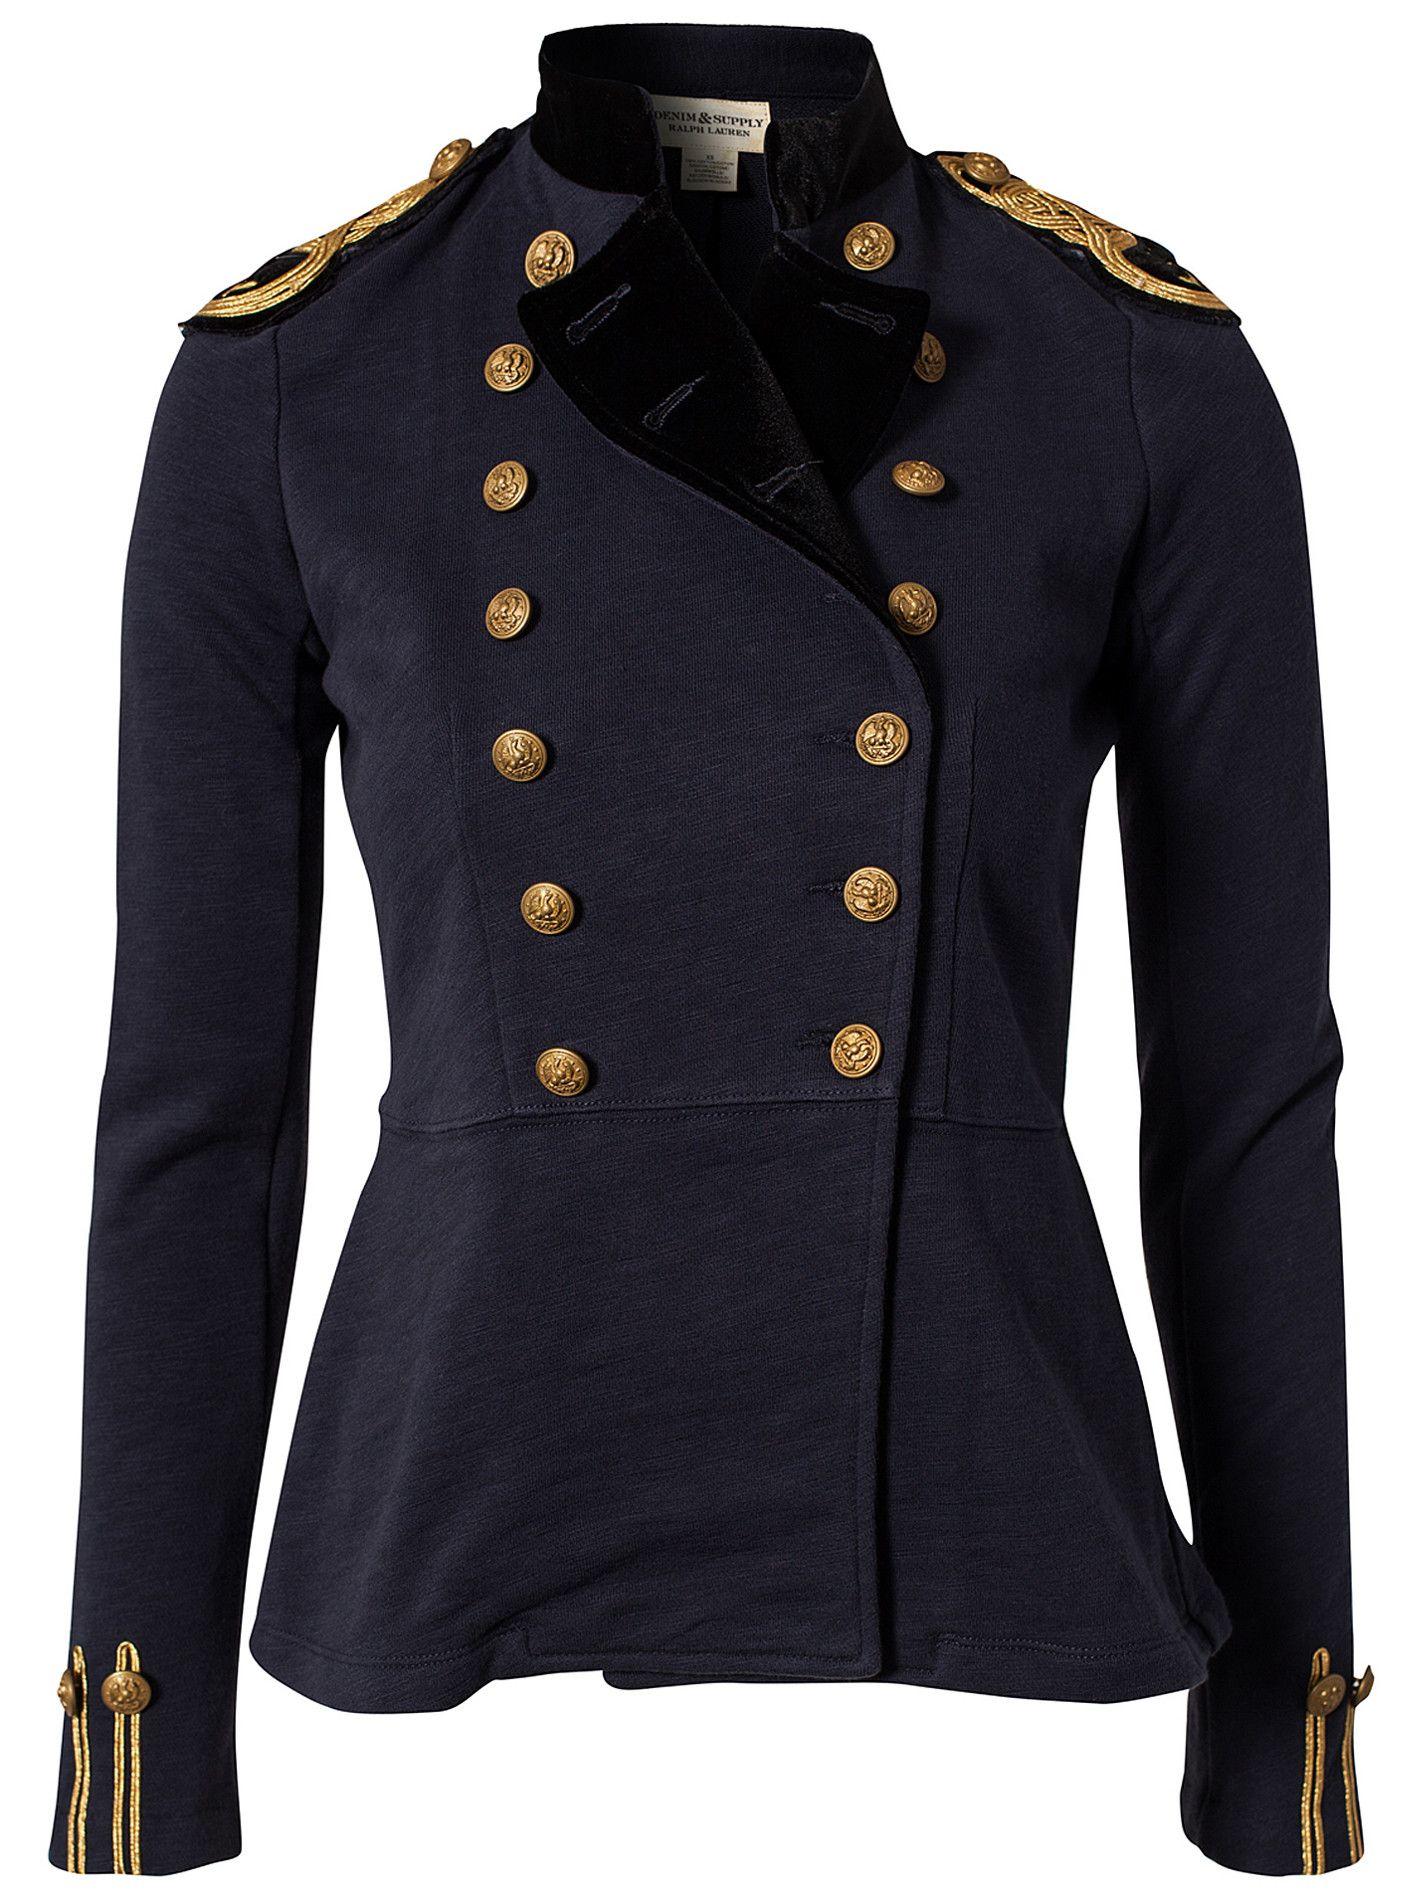 Officer jacket by Denim & Supply Ralph Lauren